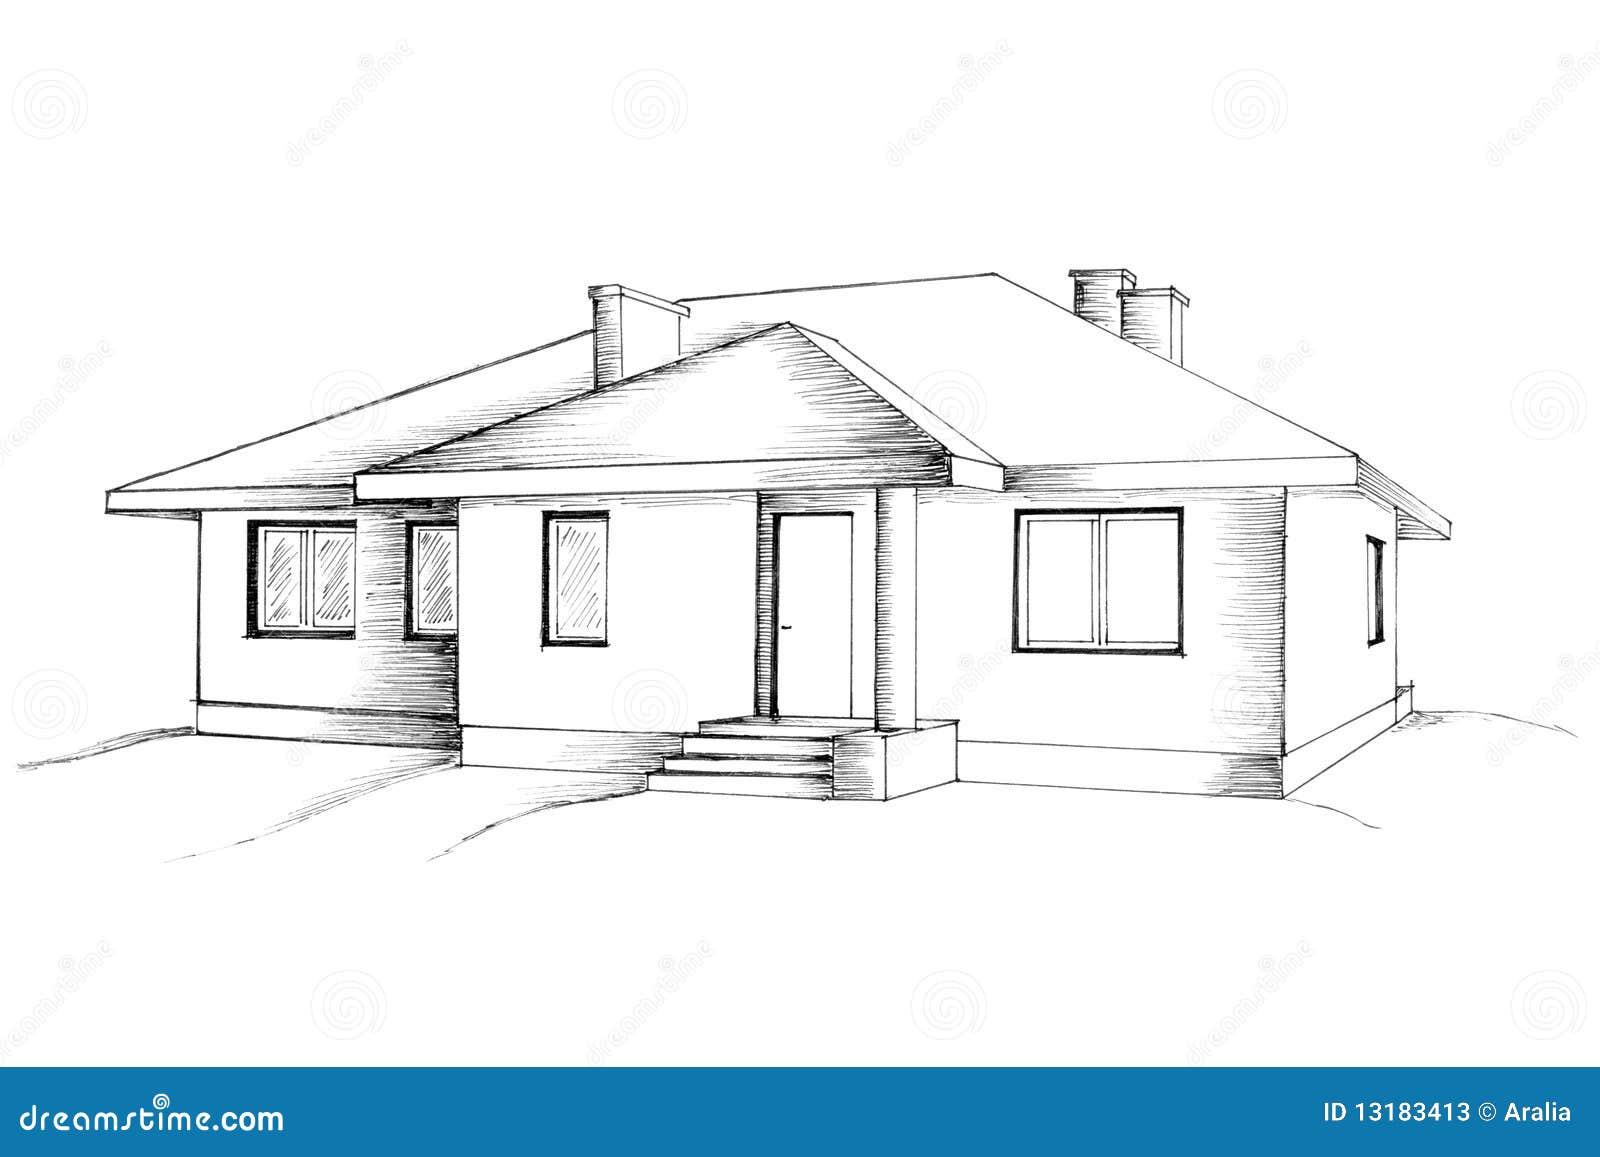 Hedendaags Hand tekening van het huis stock illustratie. Illustratie FZ-26